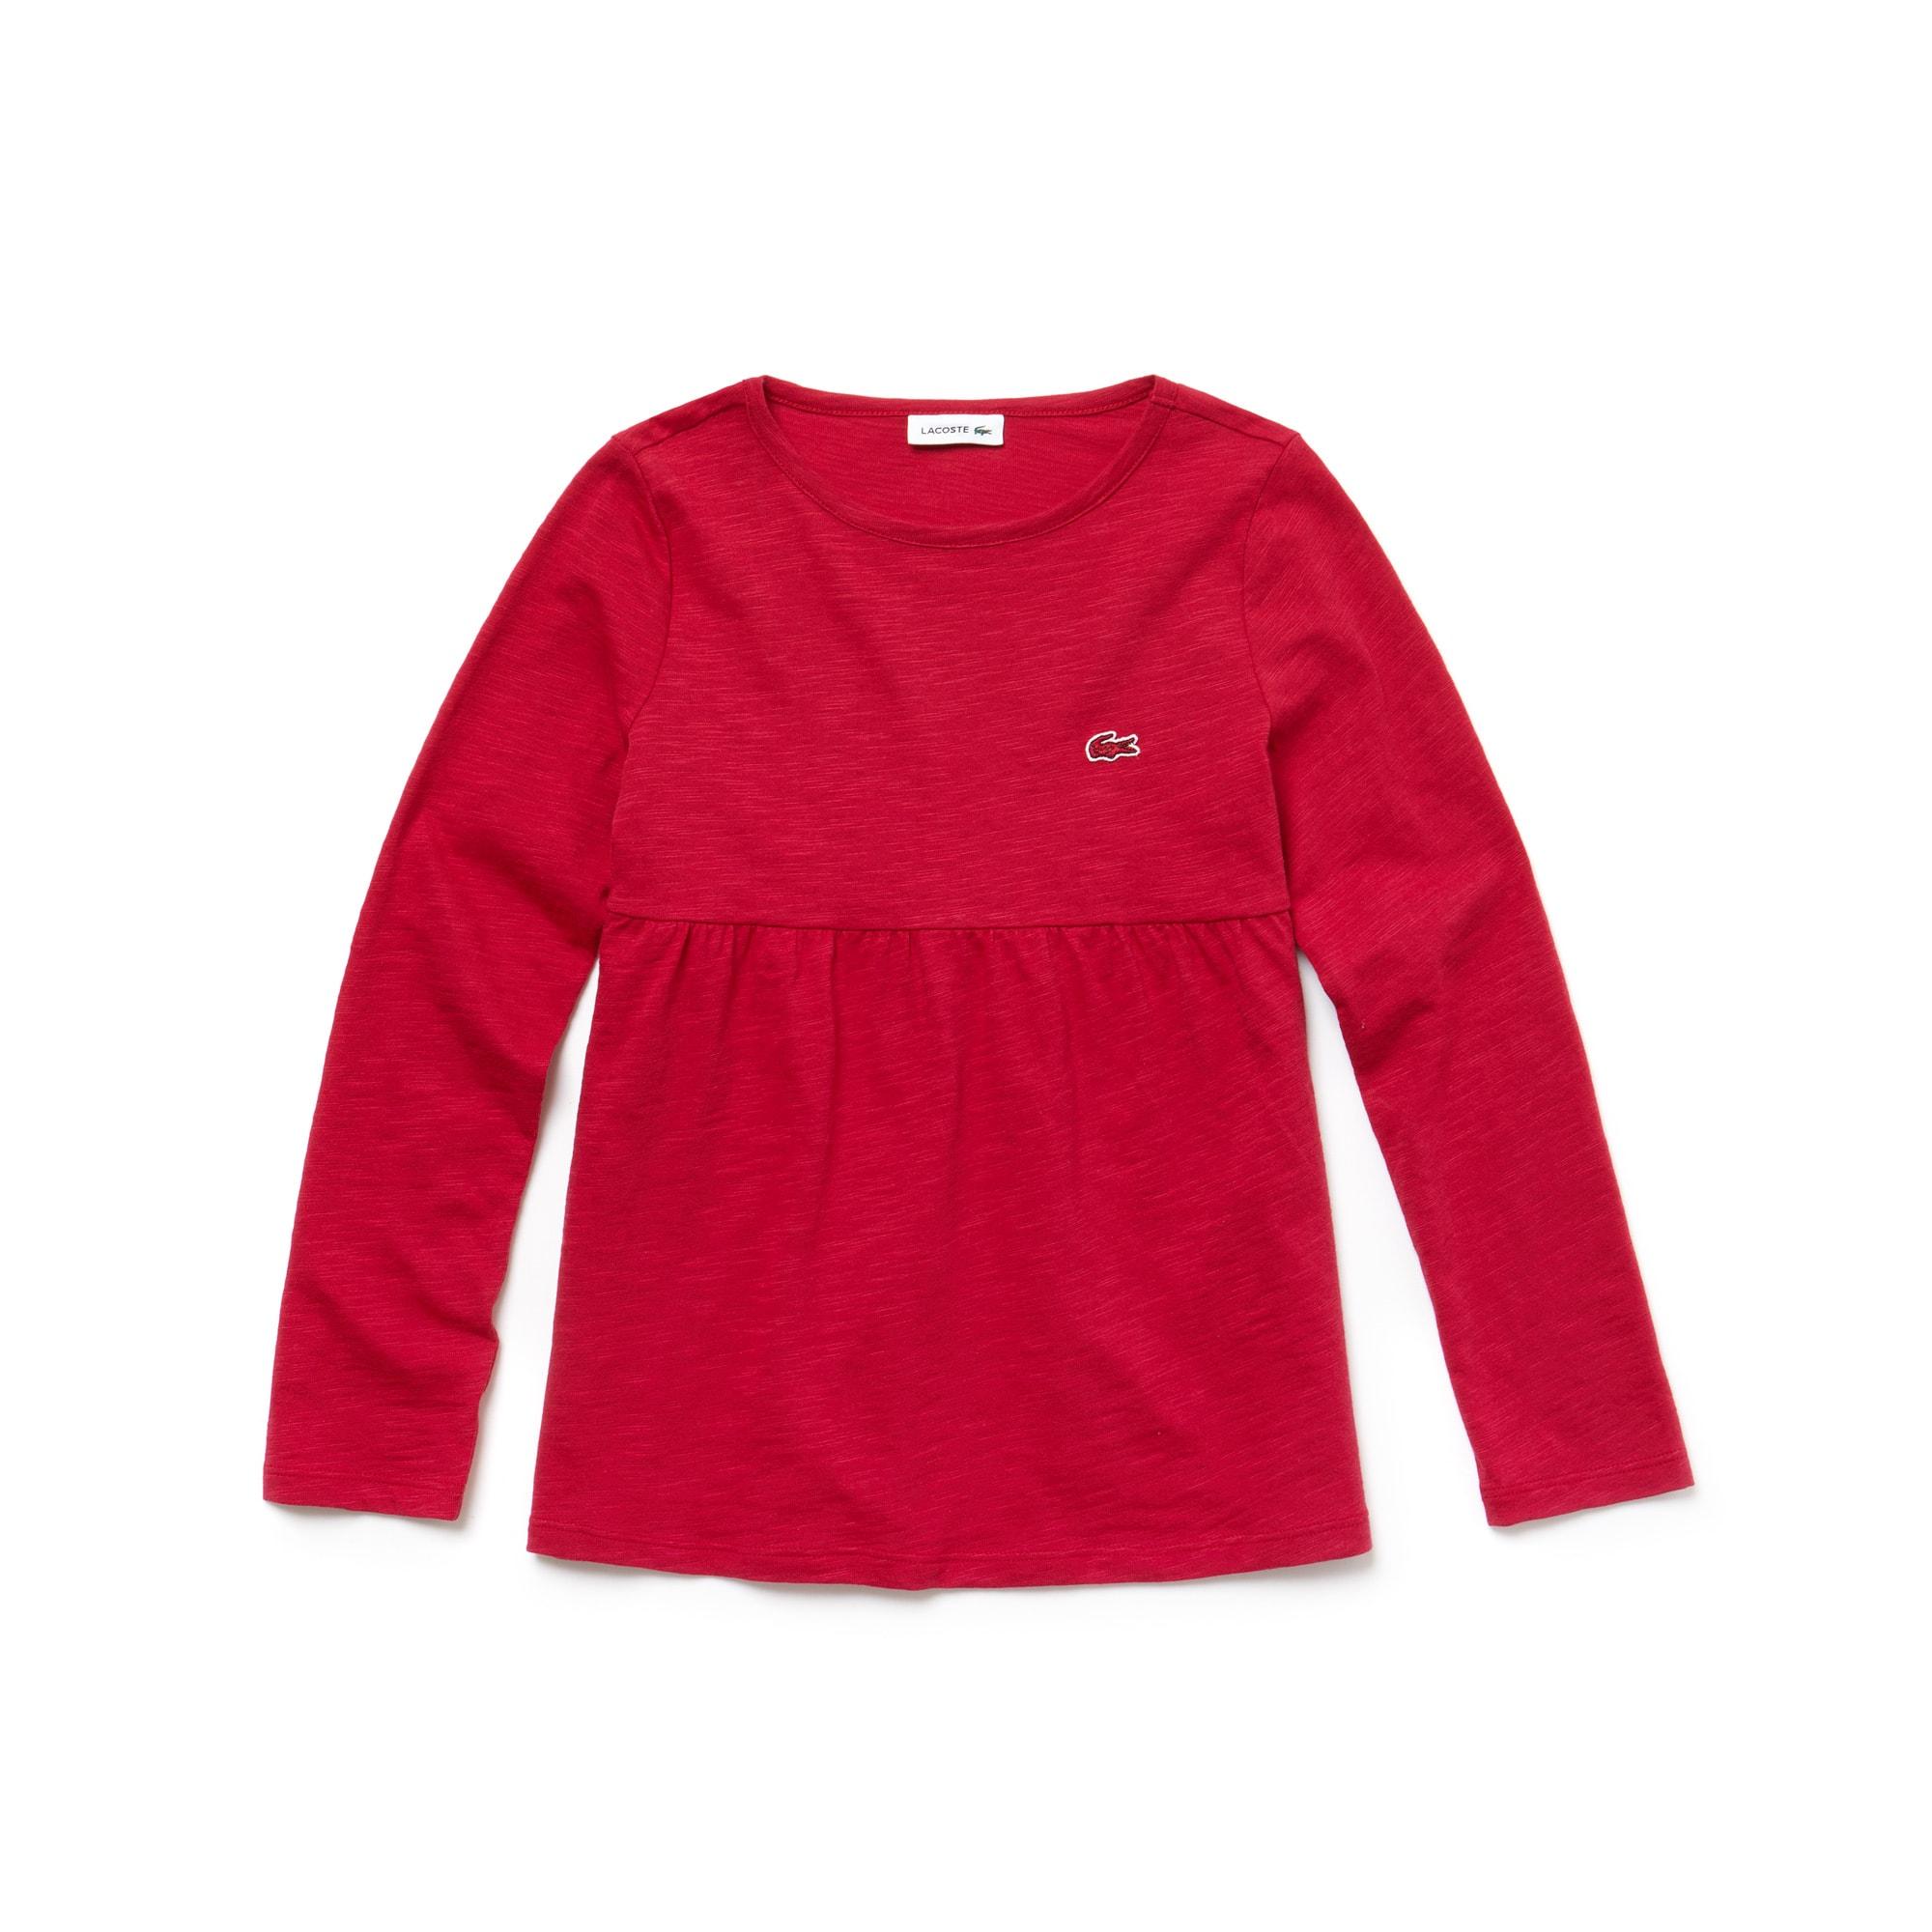 Girls' Crew Neck Cotton Jersey T-shirt